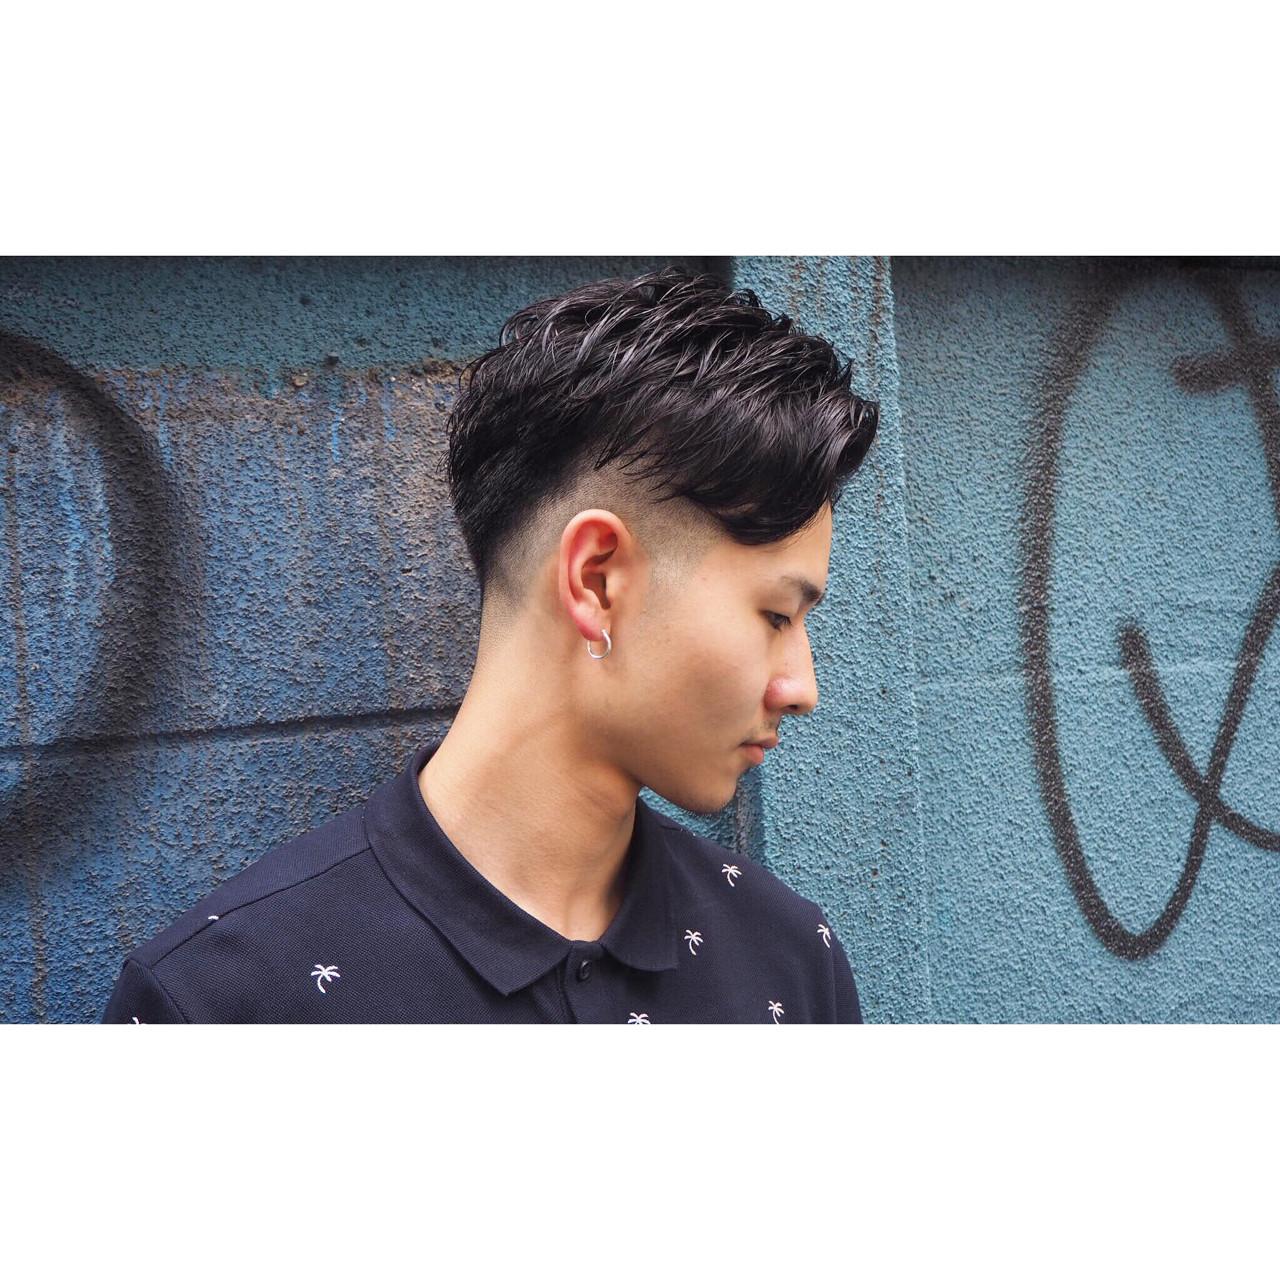 パーマ 刈り上げ ショート 坊主 ヘアスタイルや髪型の写真・画像 | 岡本和典 / REVEL